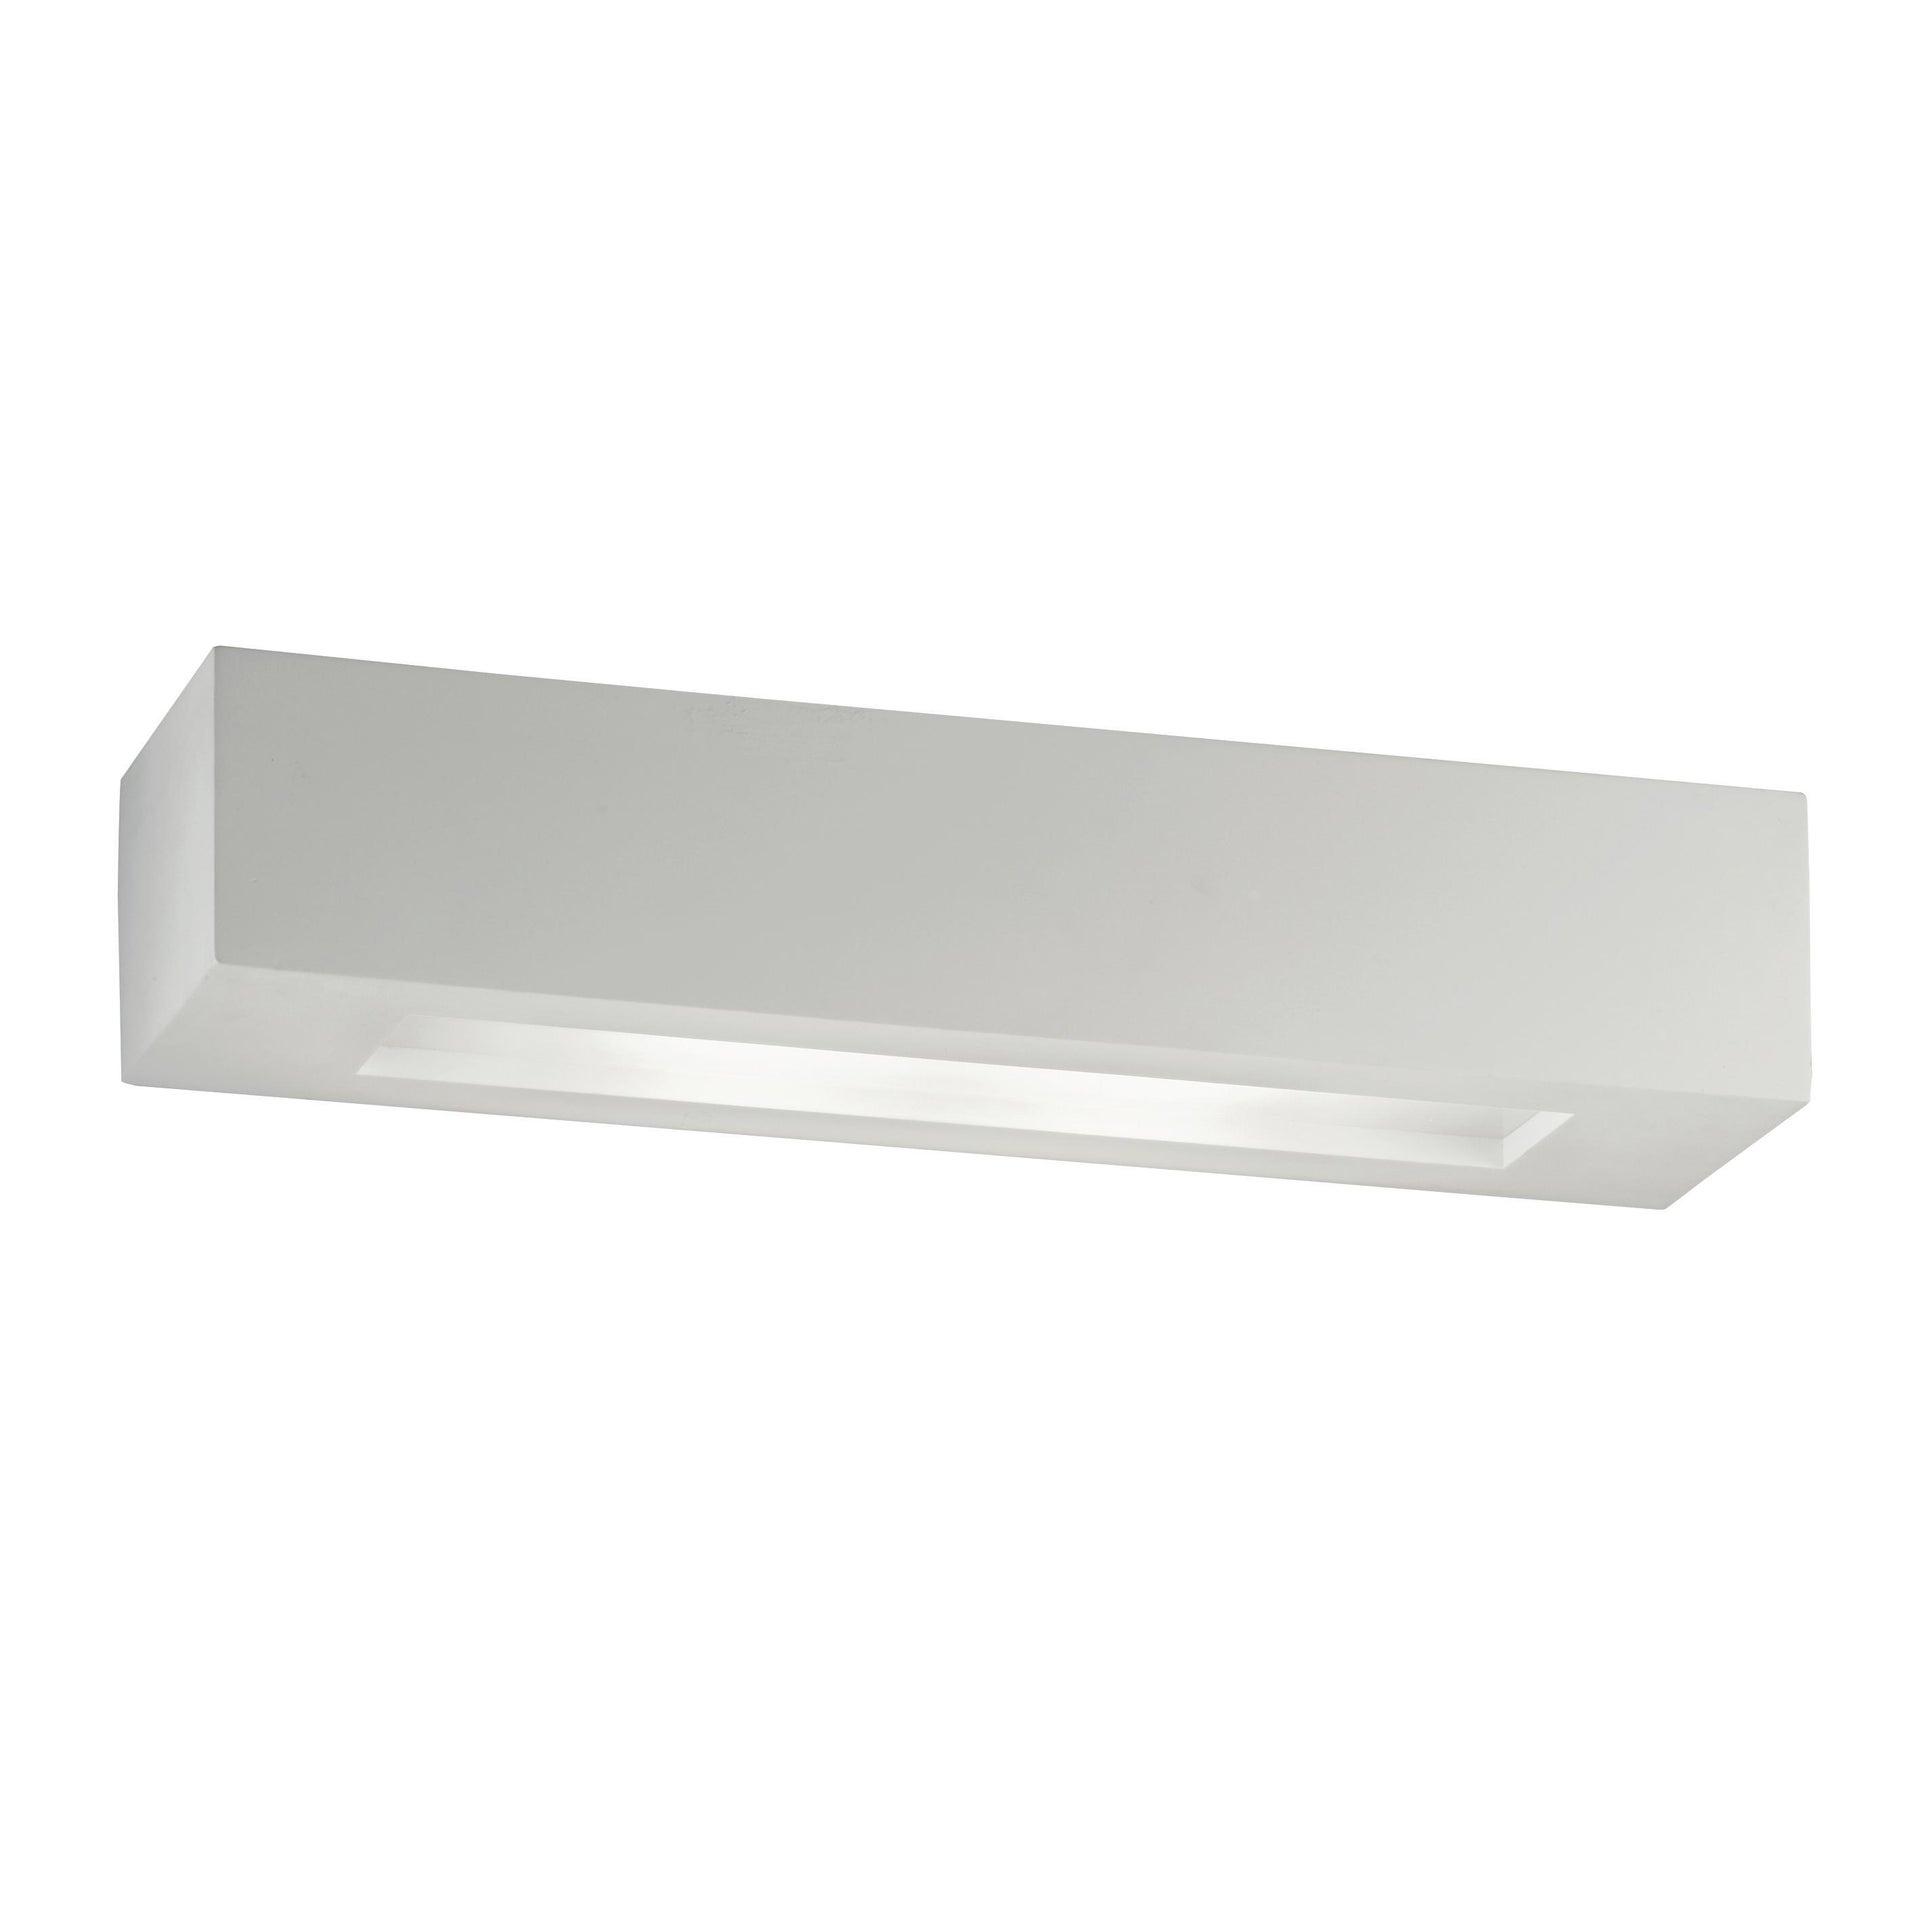 Applique design Candida bianco, in gesso, 2 luci INTEC - 3